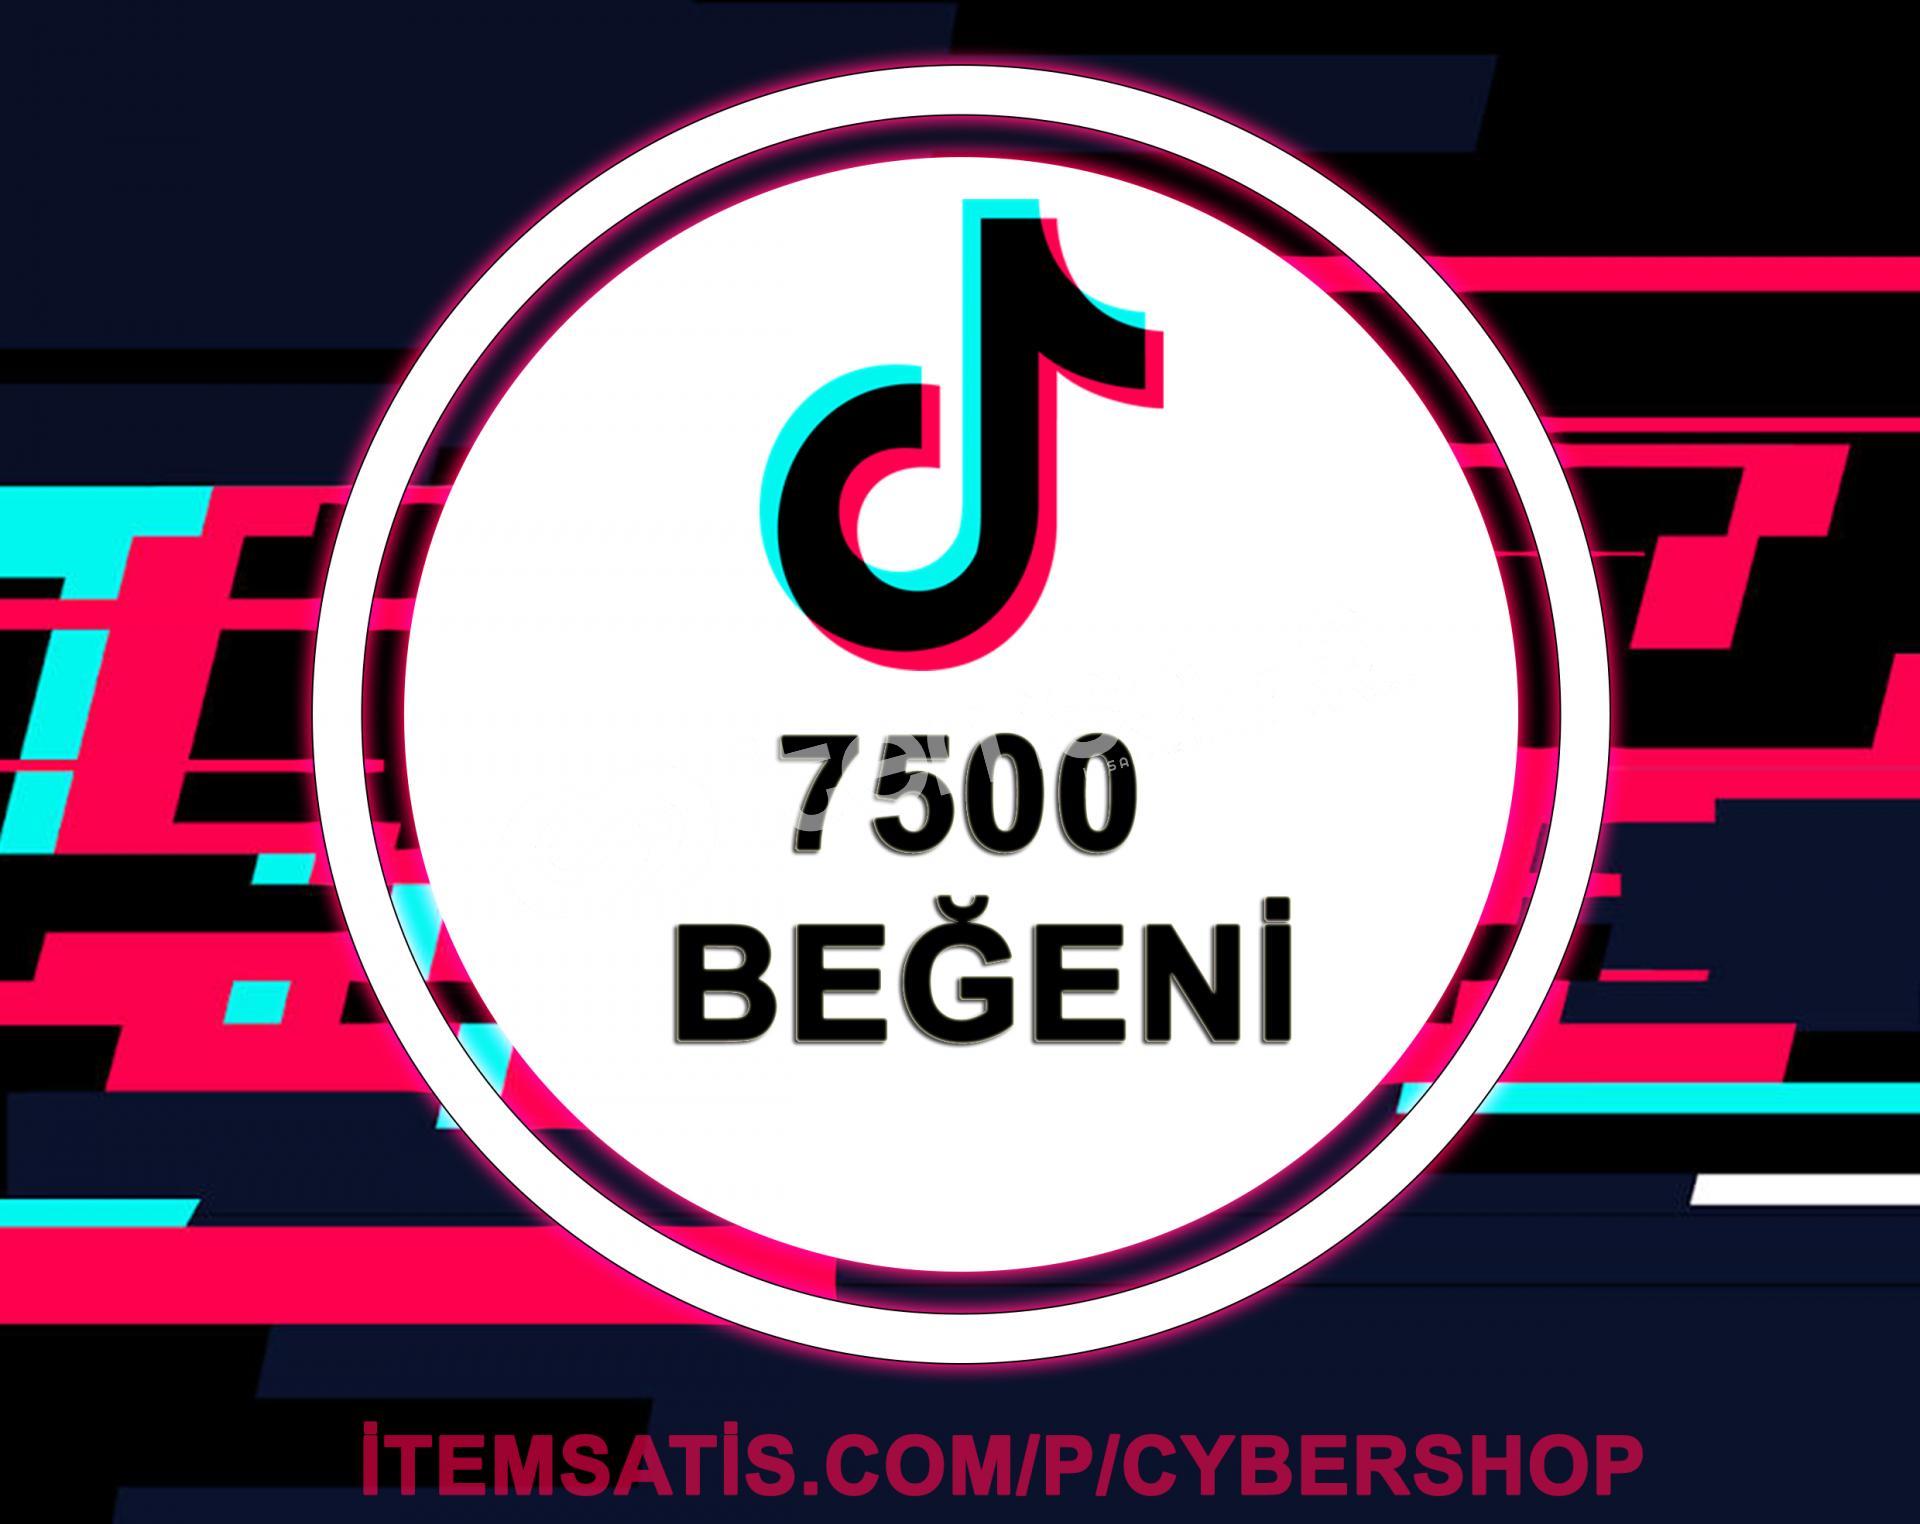 TikTok 7500 Beğeni (Keşfet Etkili + Anlık Gönderim)